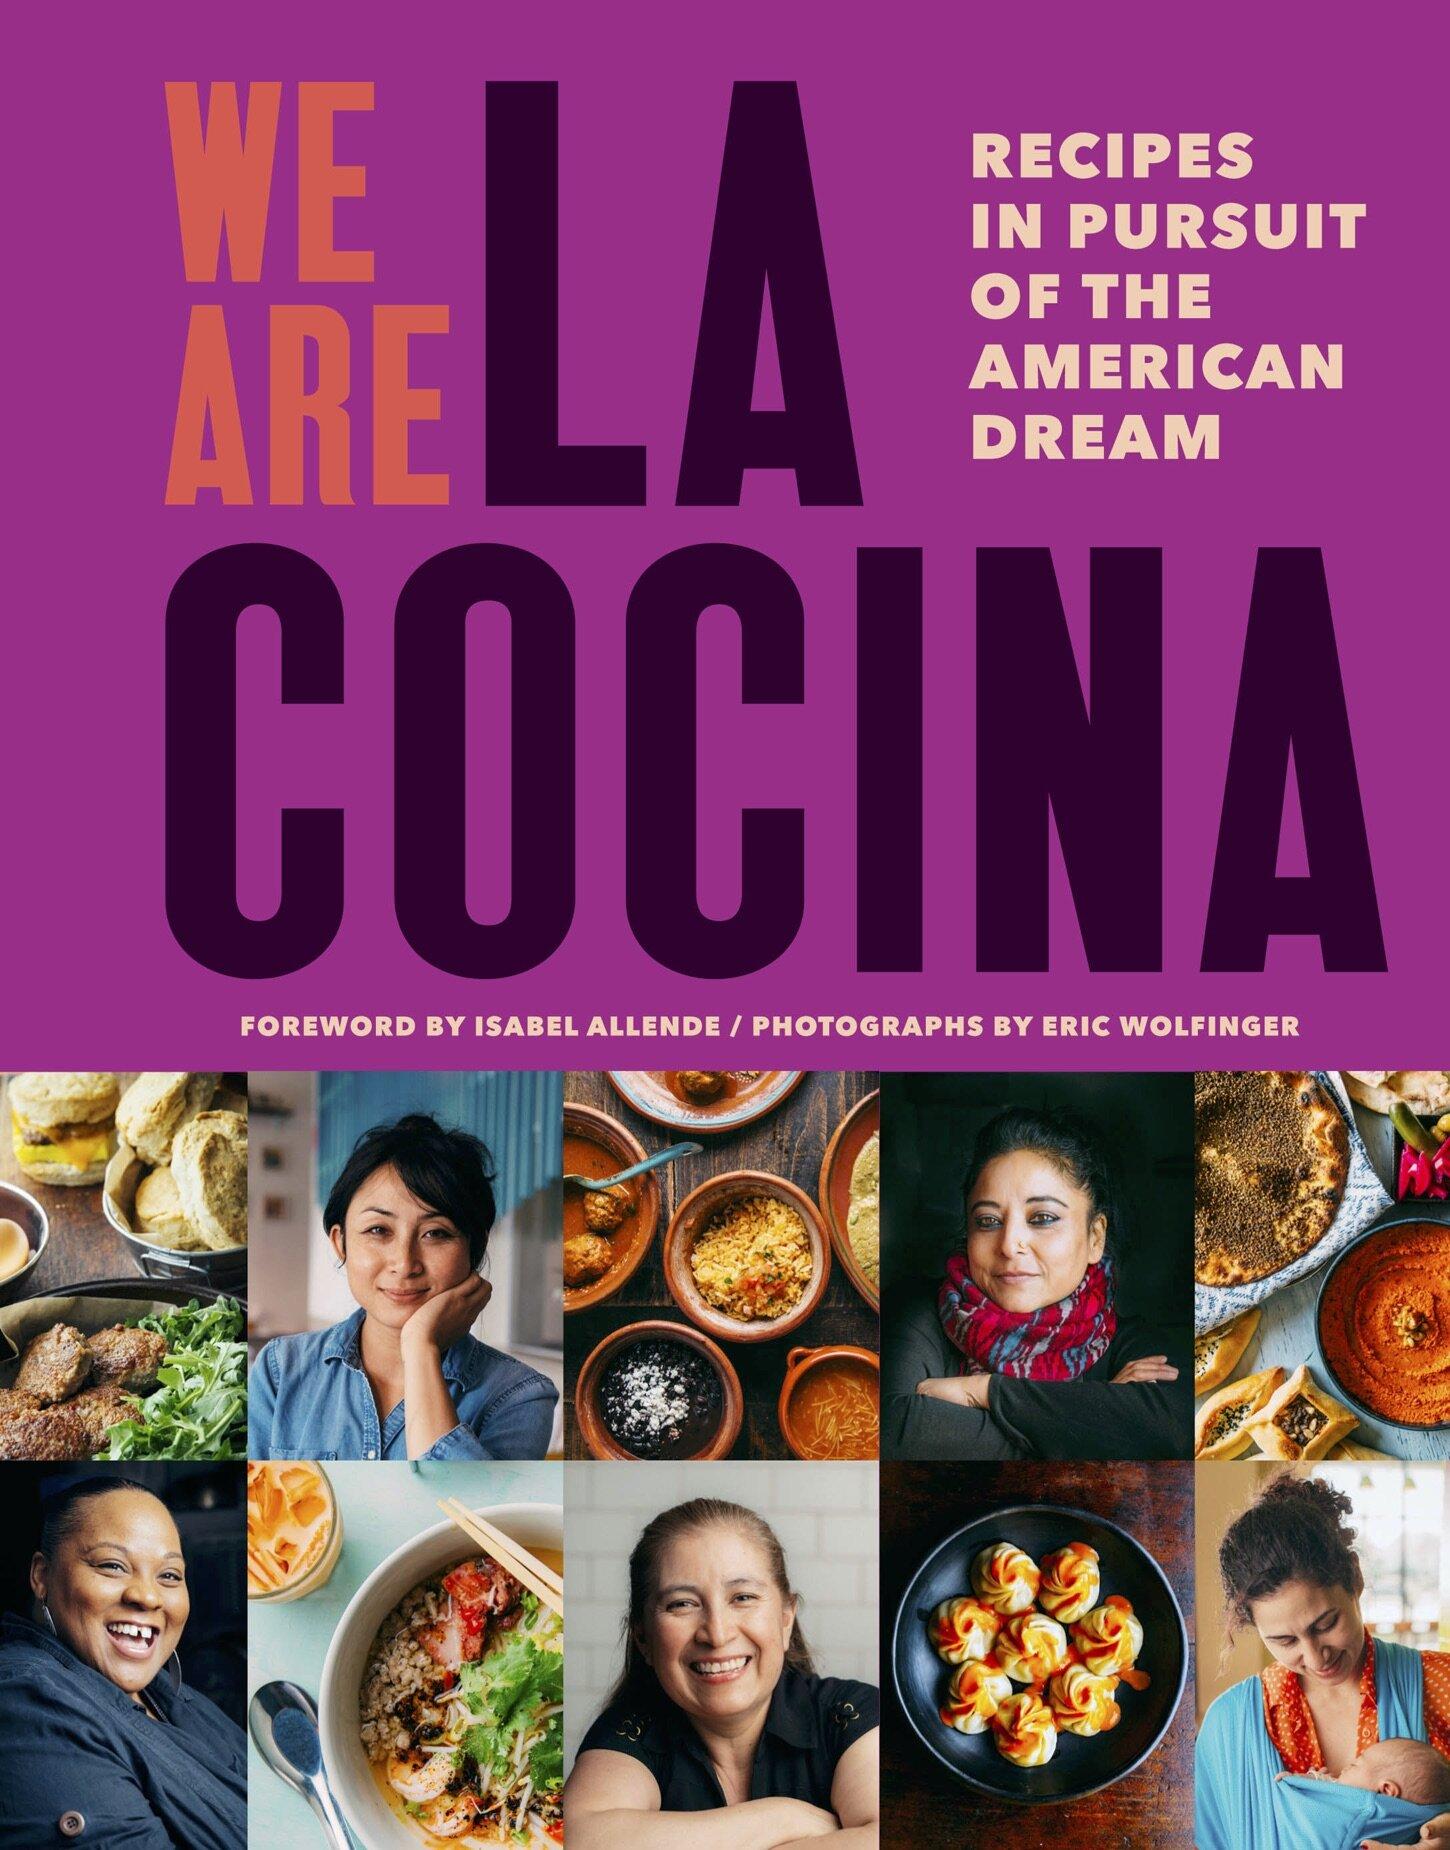 We Are La Cocina cover